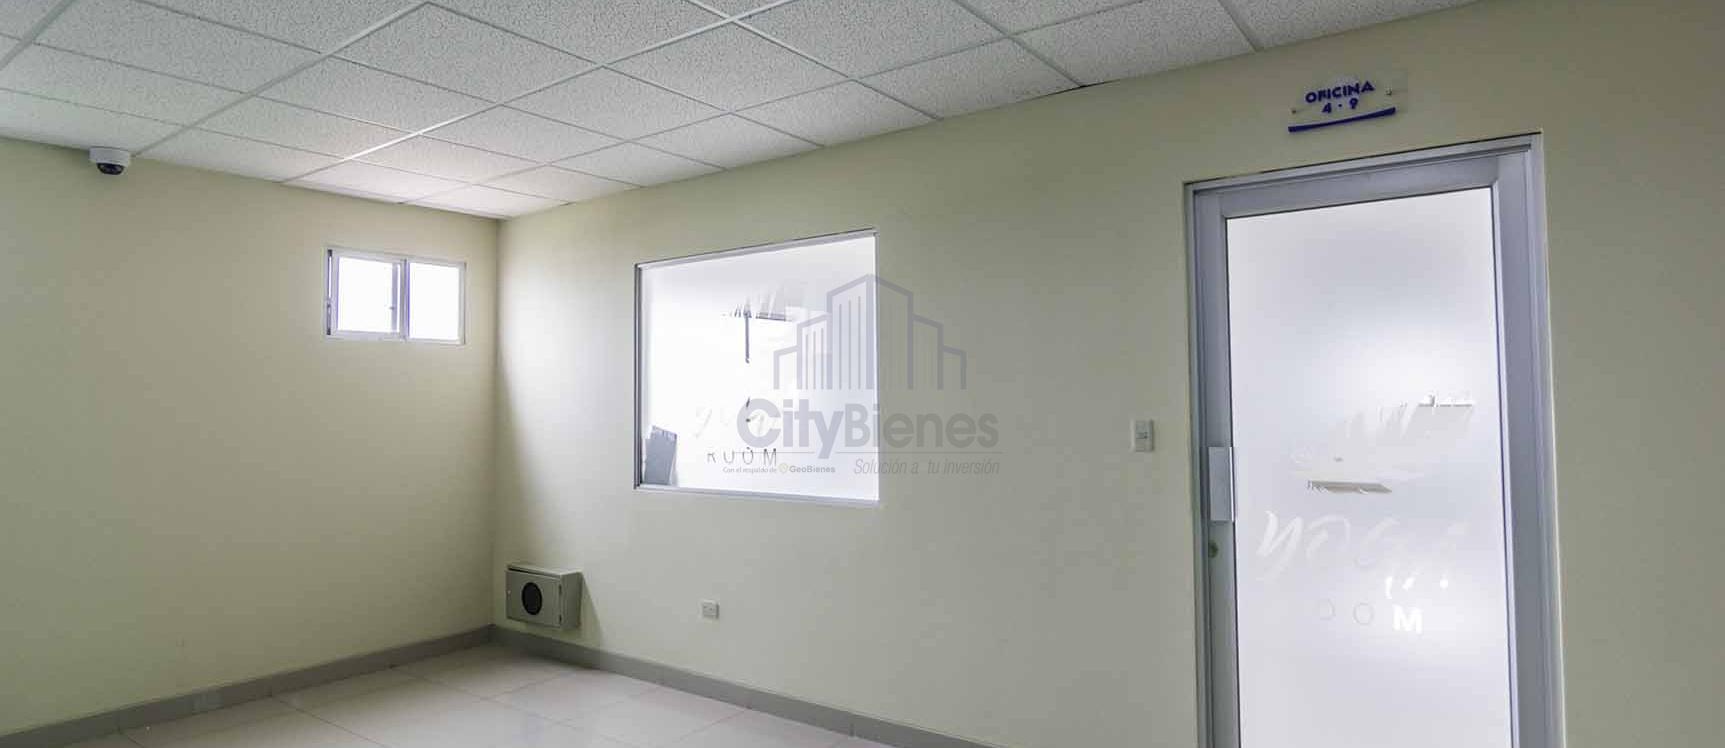 GeoBienes - Oficina en venta en Edificio Diana Quintana vía a Samborondón - Plusvalia Guayaquil Casas de venta y alquiler Inmobiliaria Ecuador